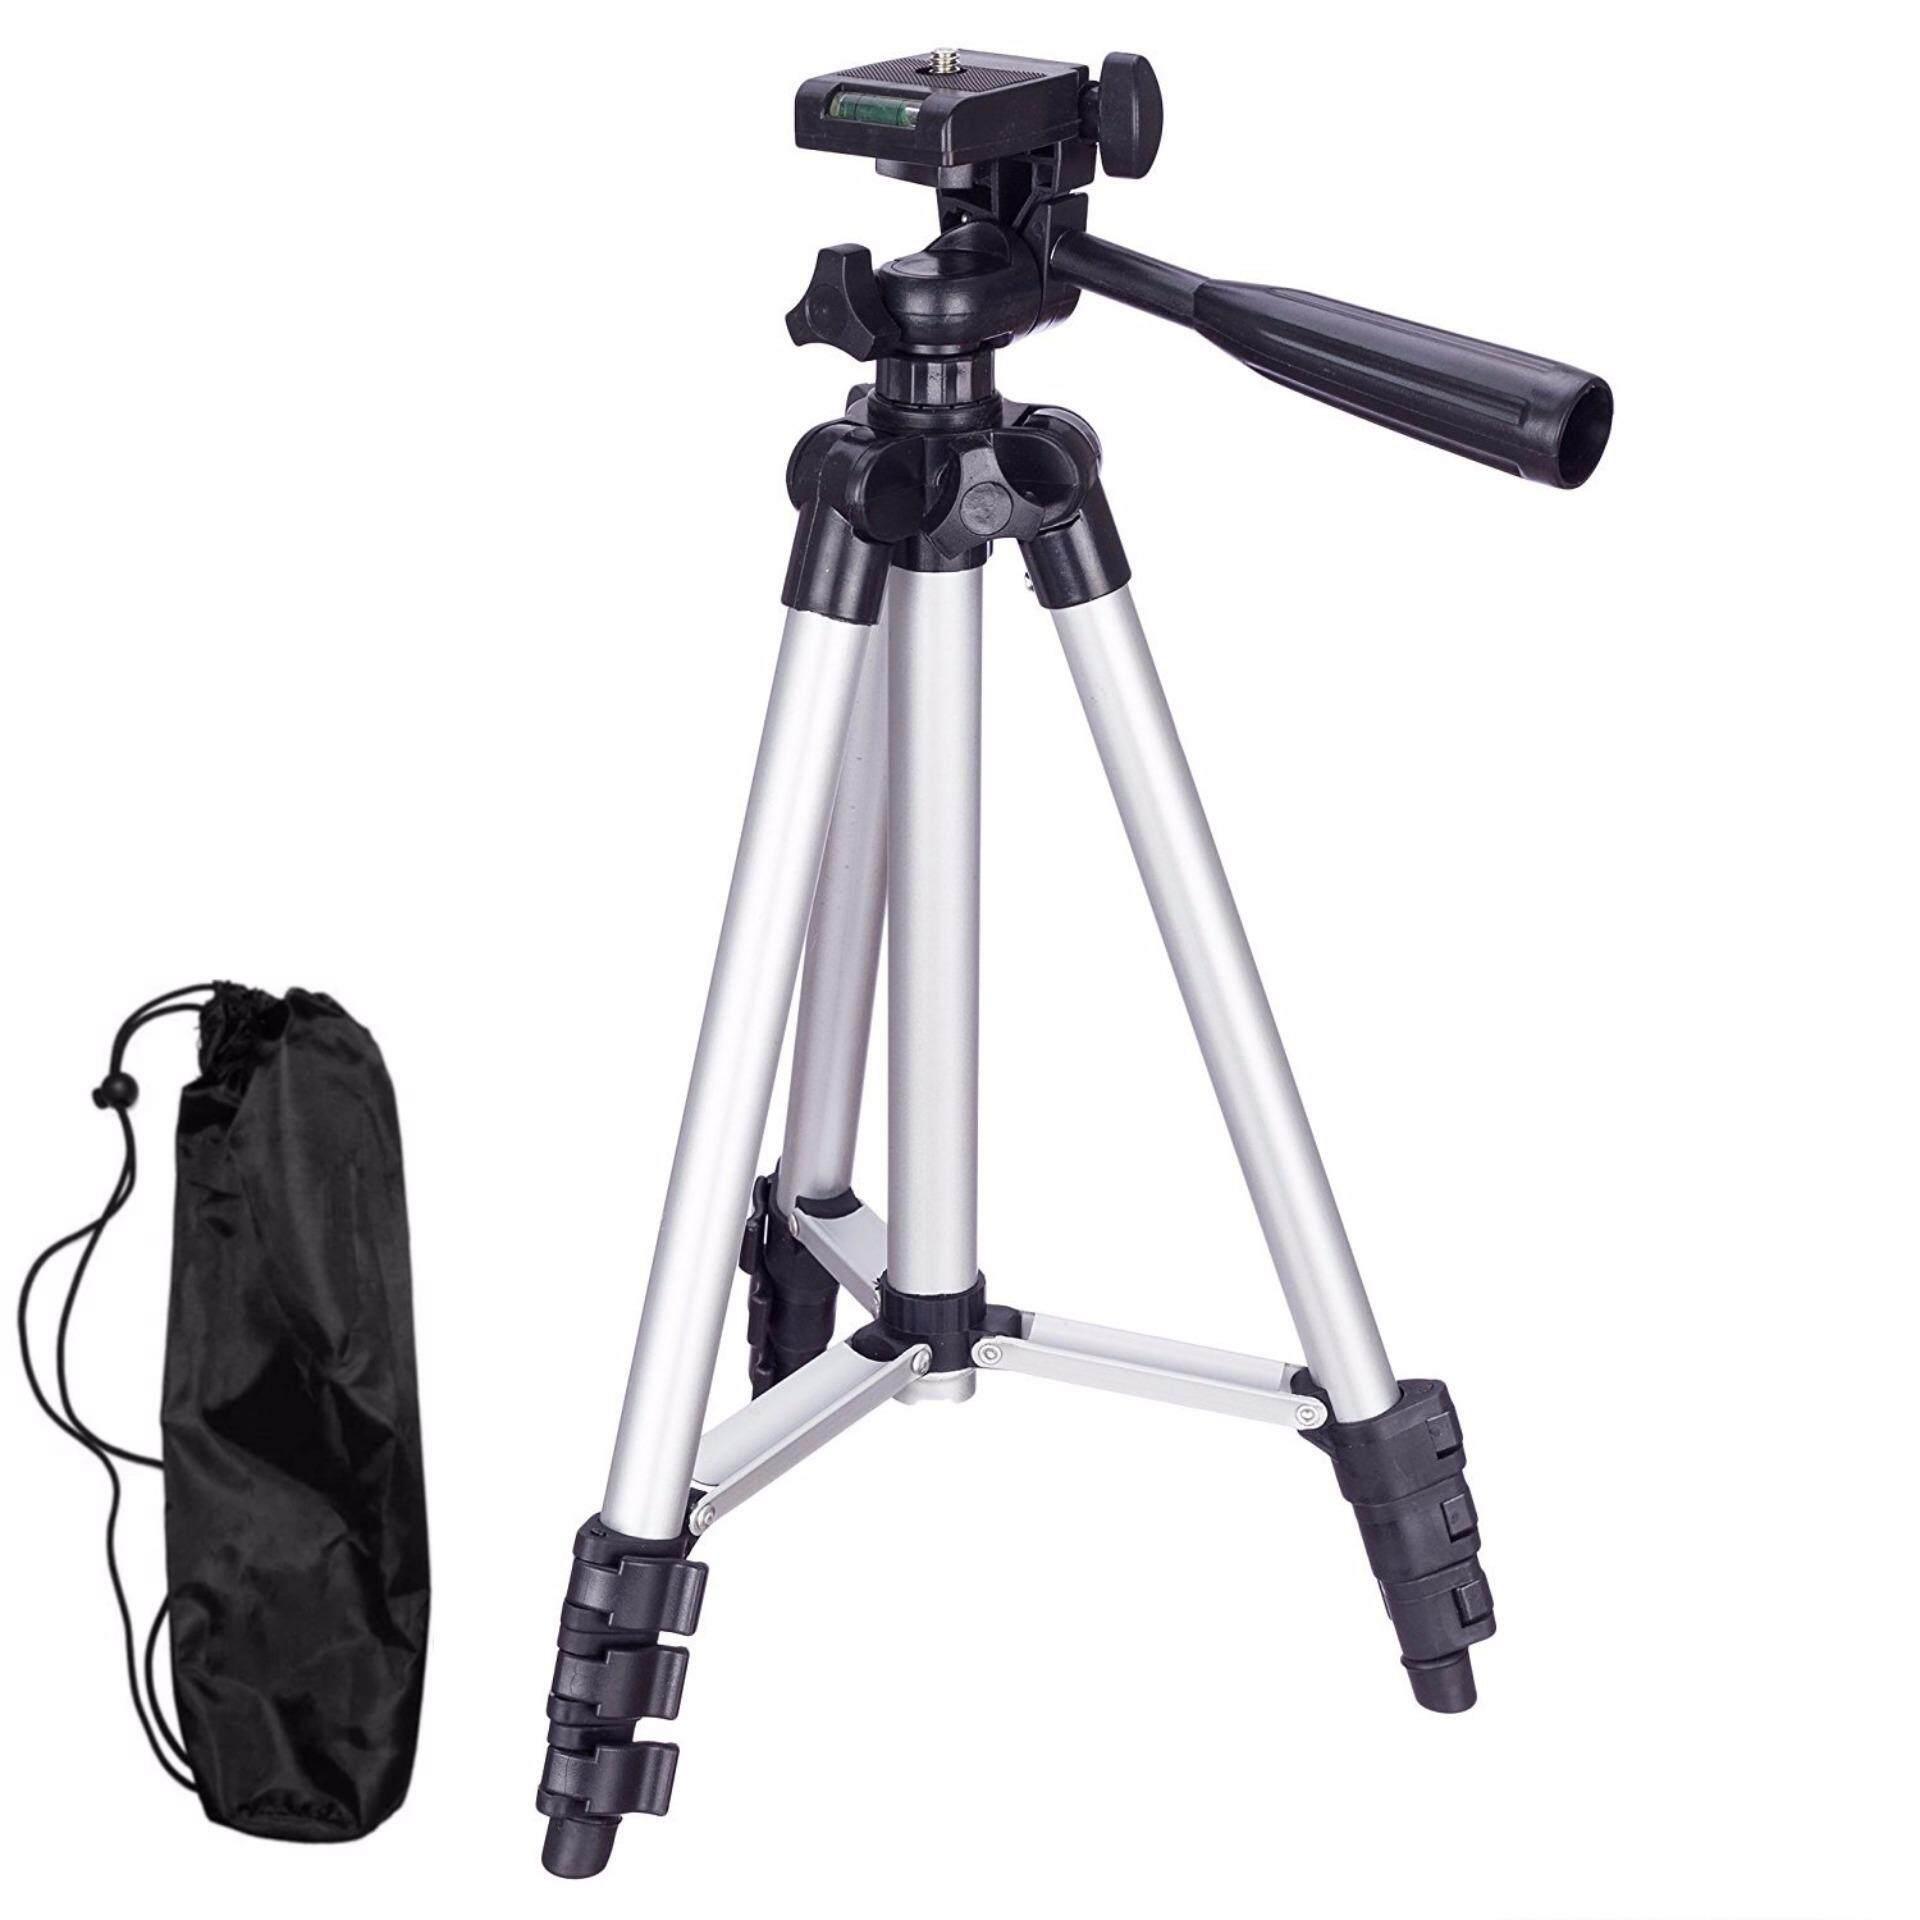 Profesional Adjustable Portable Bahan Aluminium untuk Bepergian Tripod Kamera Pan Kepala untuk SLR DSLR Digital Dudukan